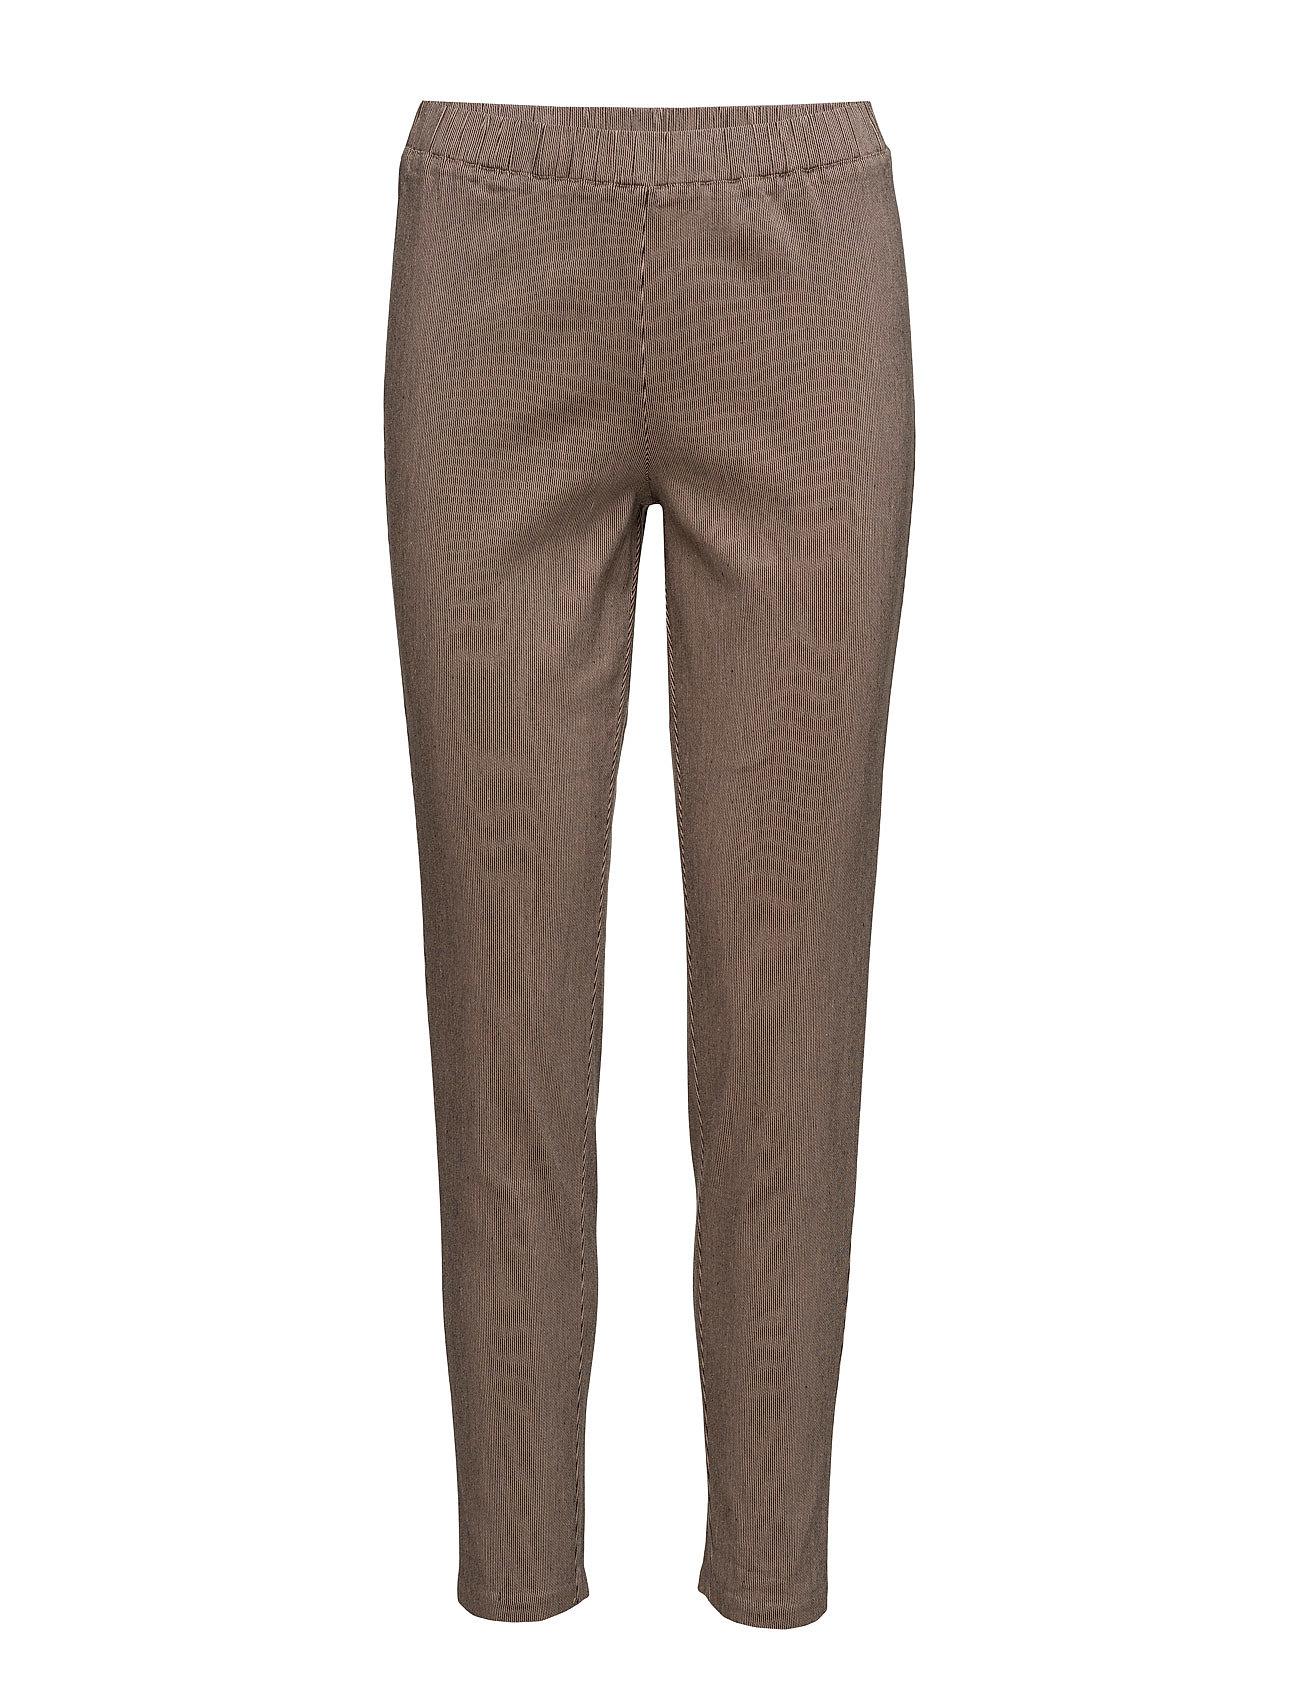 b6441356cb9 Find Pabia Trousers Ew Pa Masai Skinny i til Damer på internettet